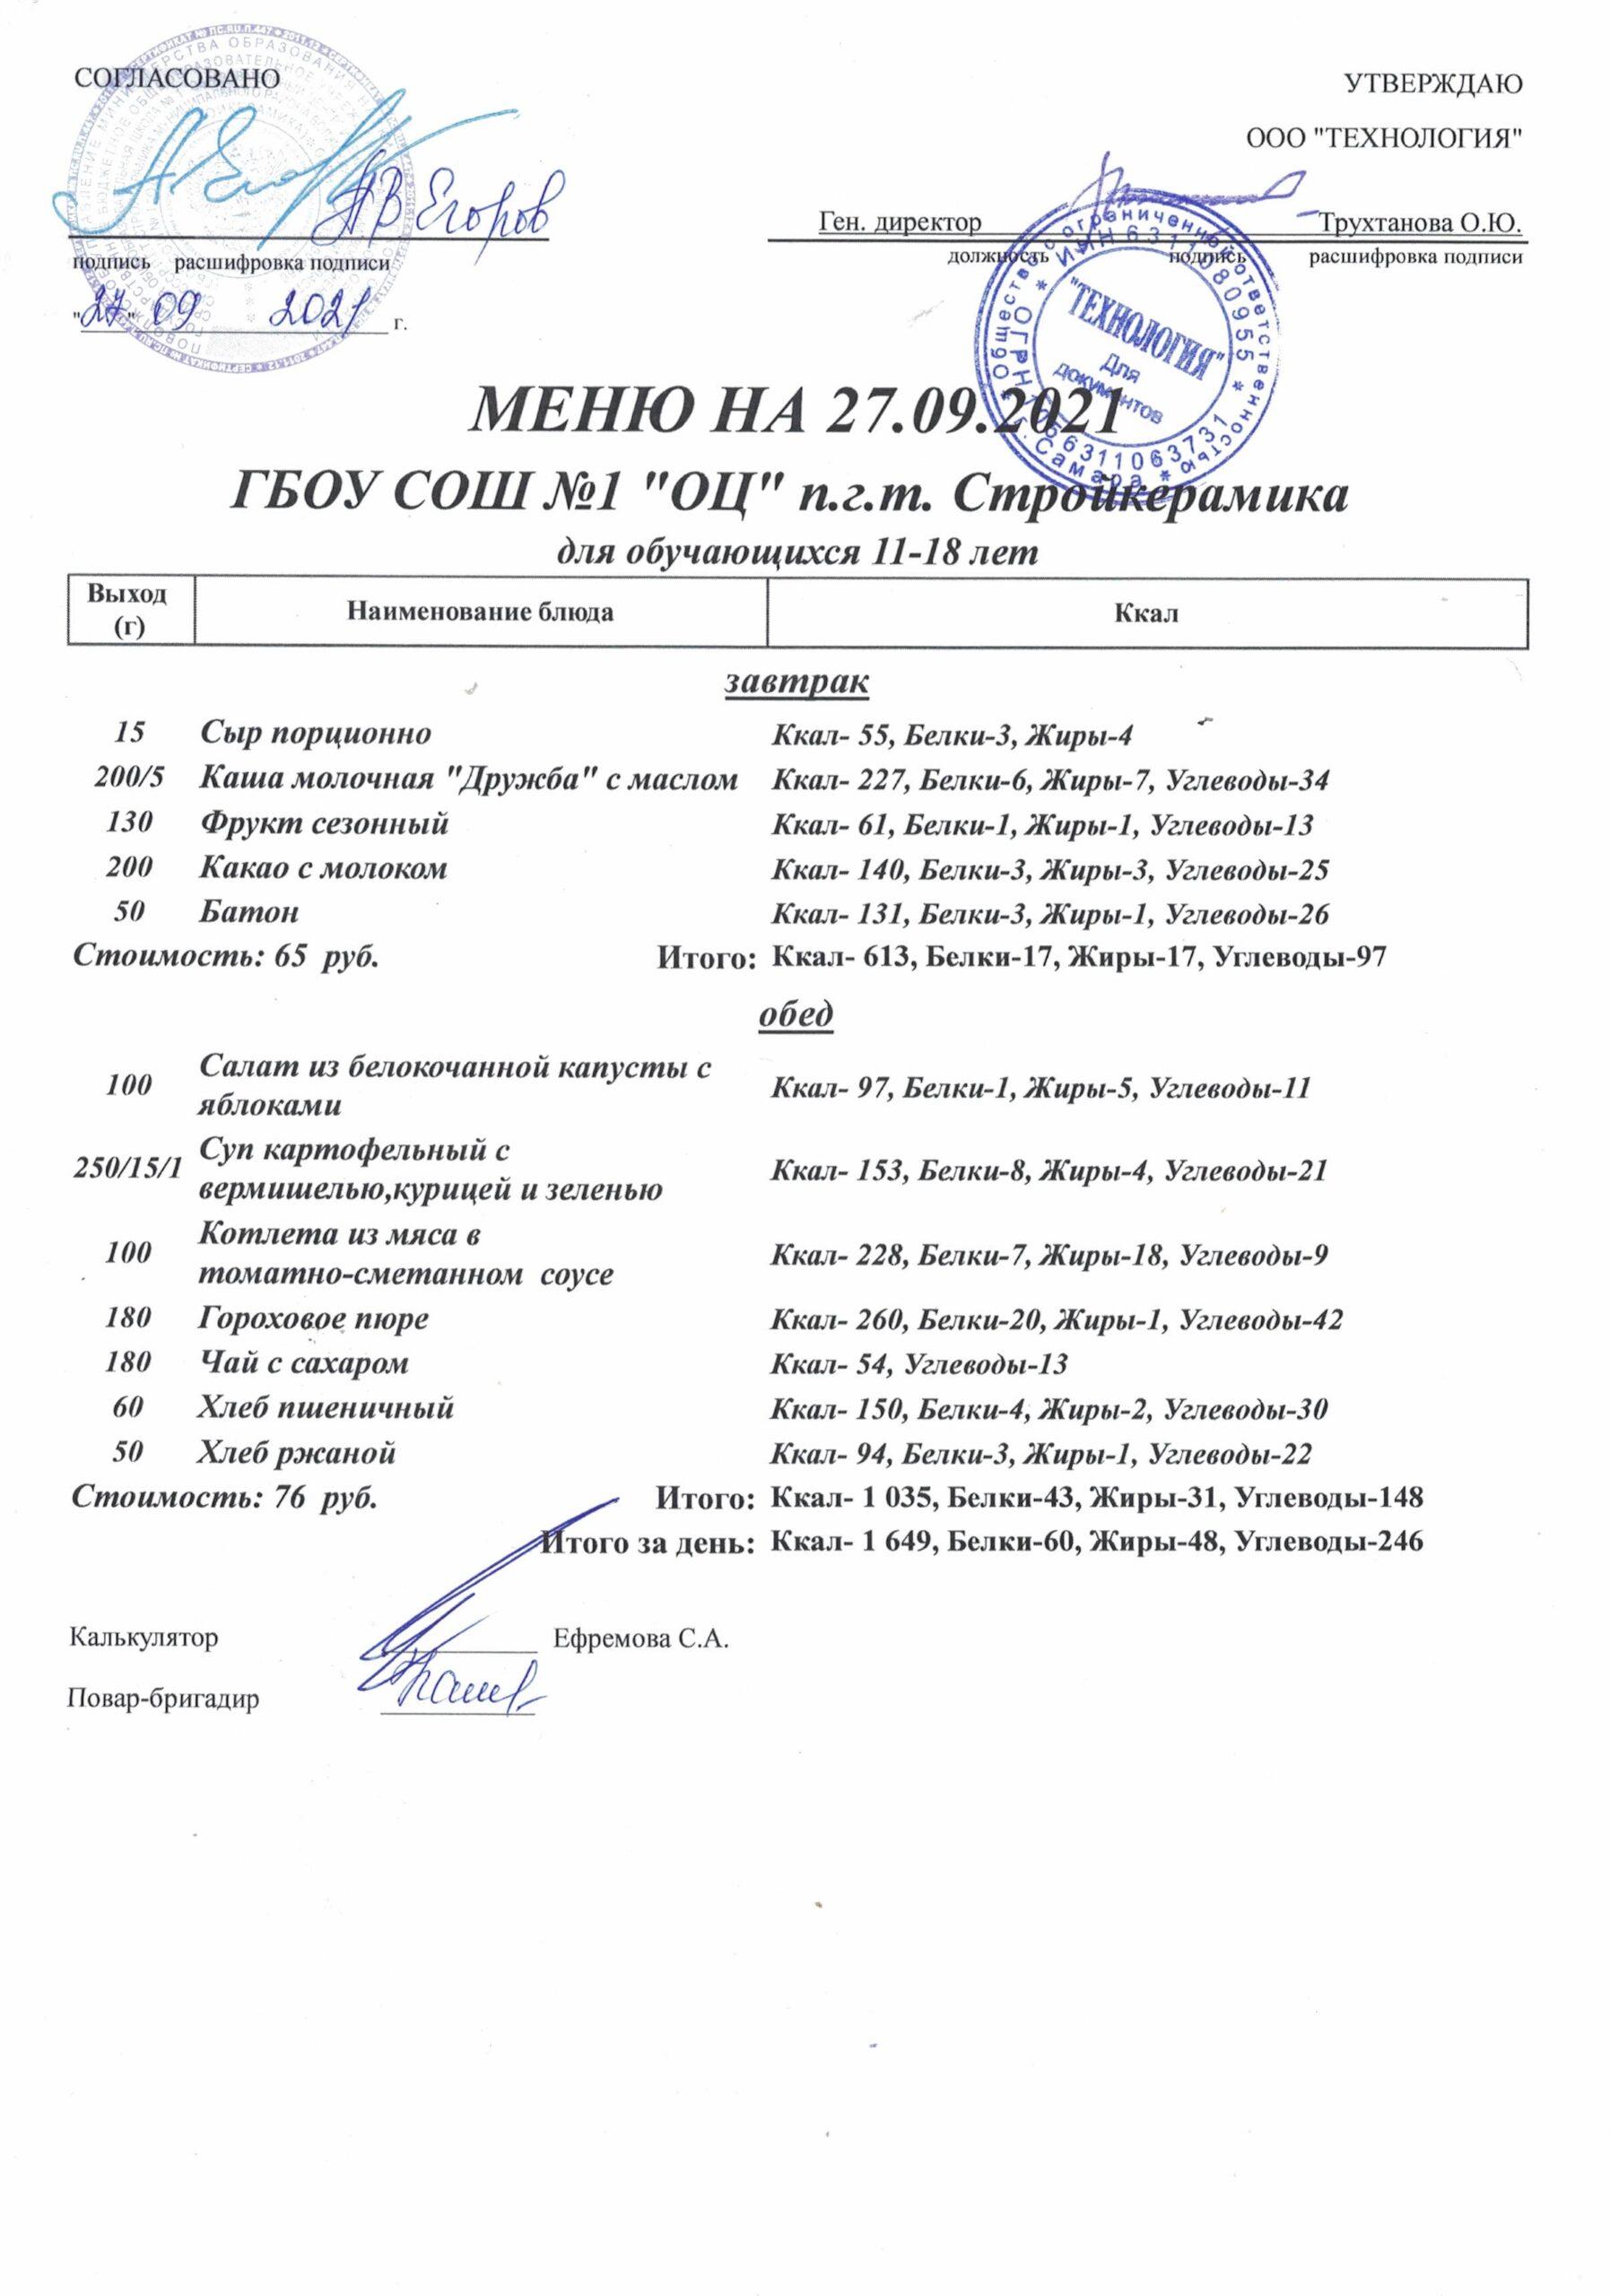 E24AF94A-57E6-4A8F-A5F0-88885B455573